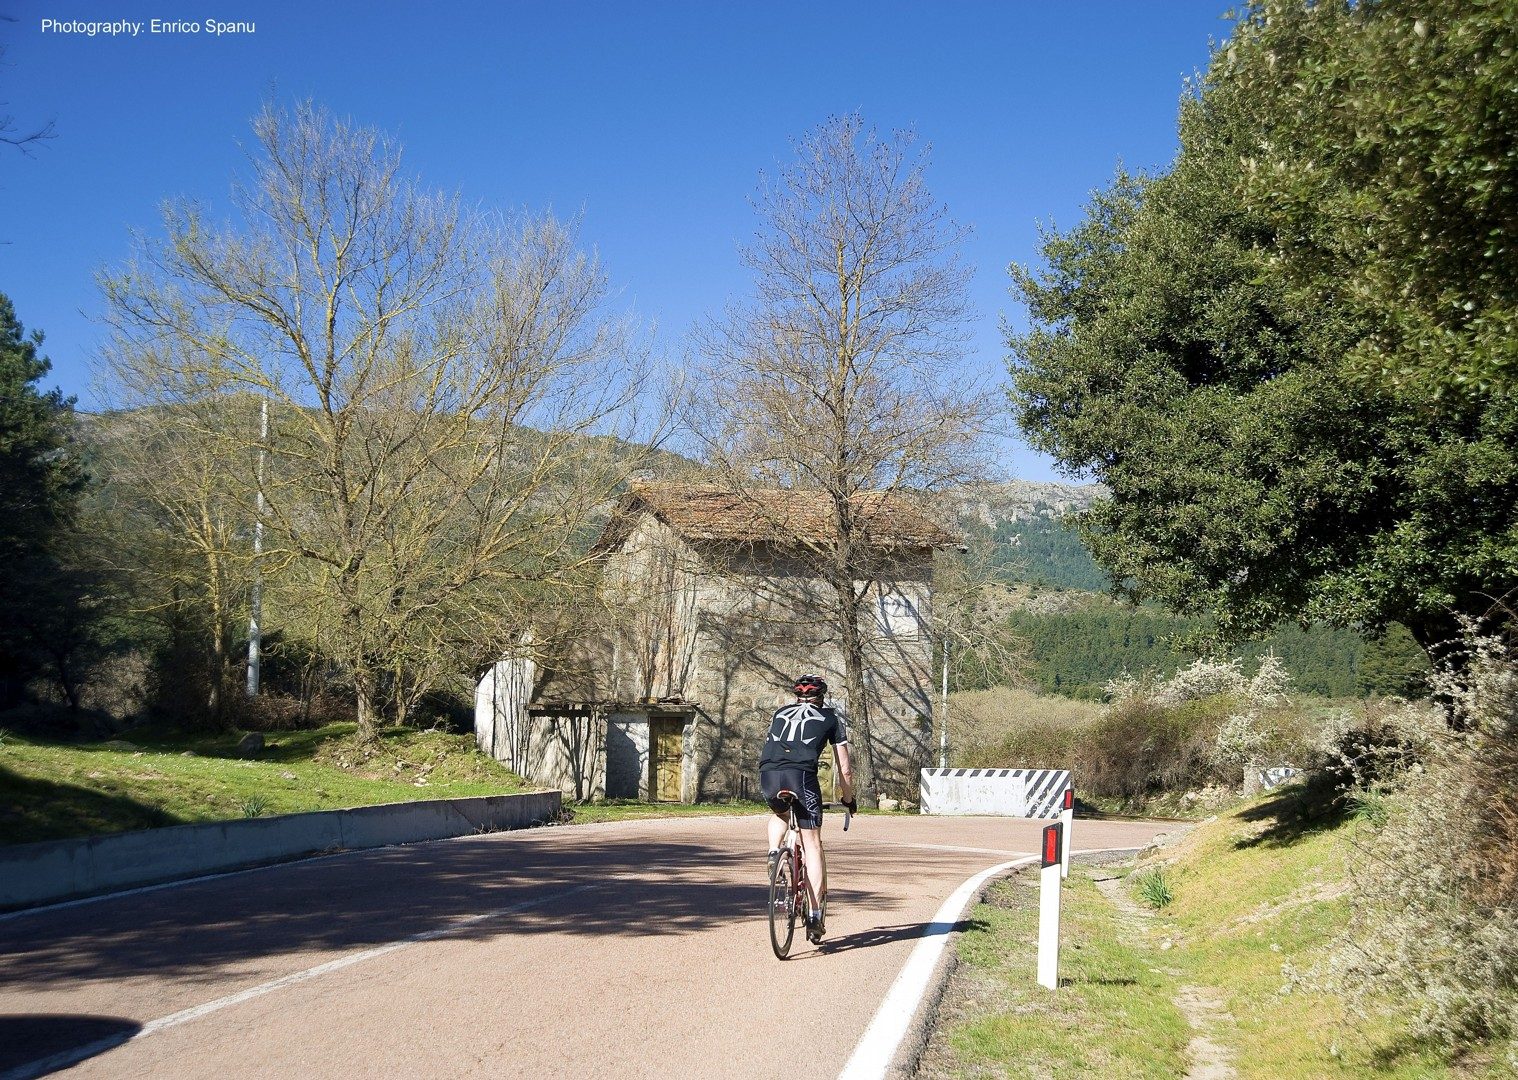 sardiniacyclingc2c.jpg - Italy - Sardinia - Coast to Coast - Self-Guided Road Cycling Holiday - Italia Road Cycling